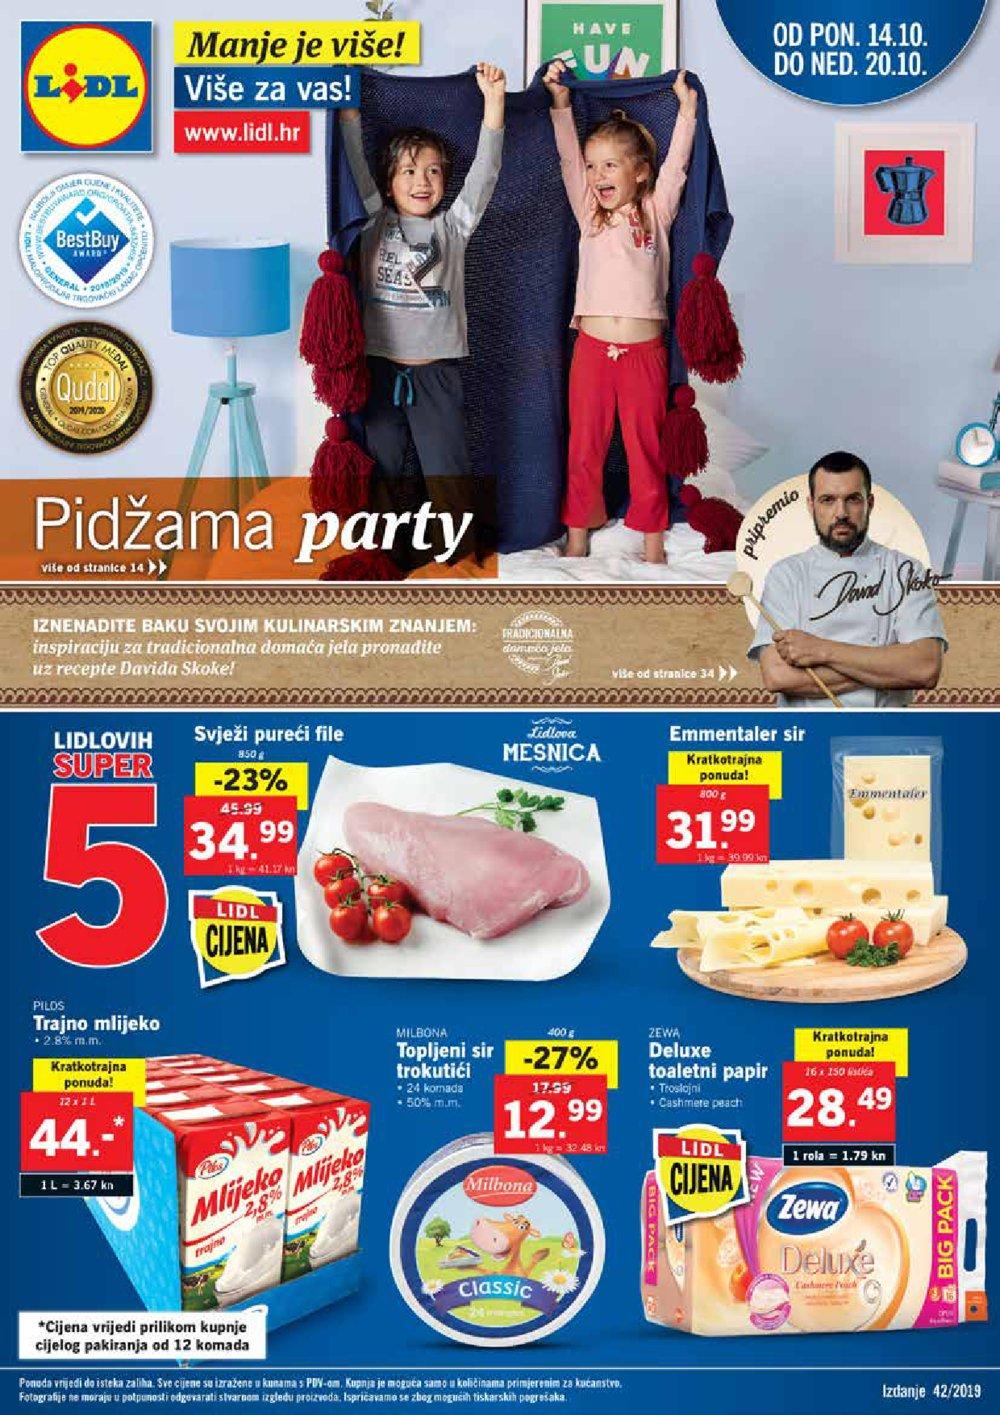 Lidl katalog Akcija Pidžama party 14.10.-20.10.2019.